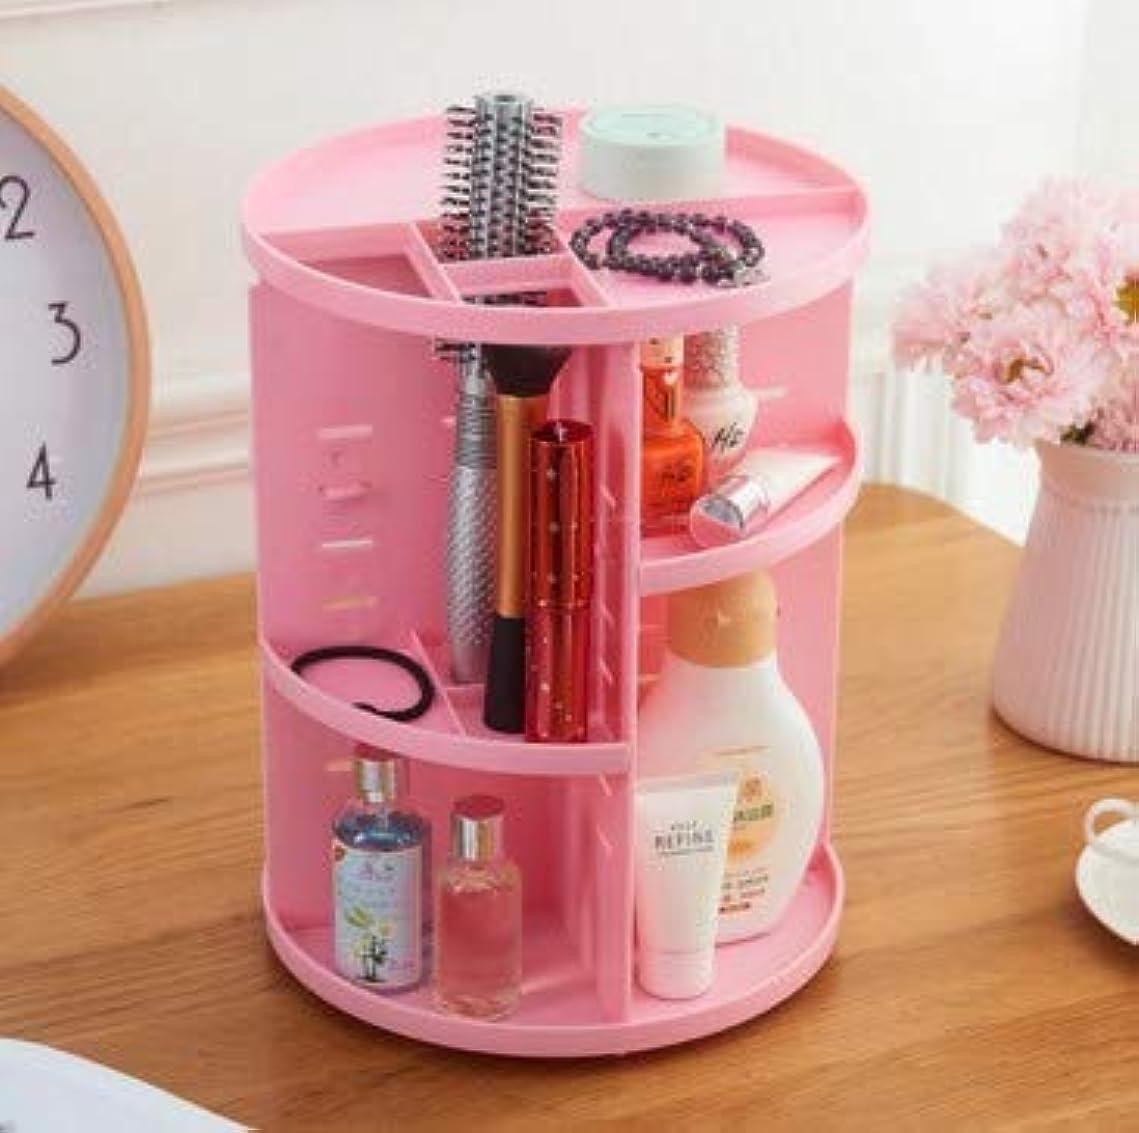 デスクトップロータリー収納ボックス多機能プラスチックバスルーム仕上げボックス化粧品収納ボックス (Color : ピンク)